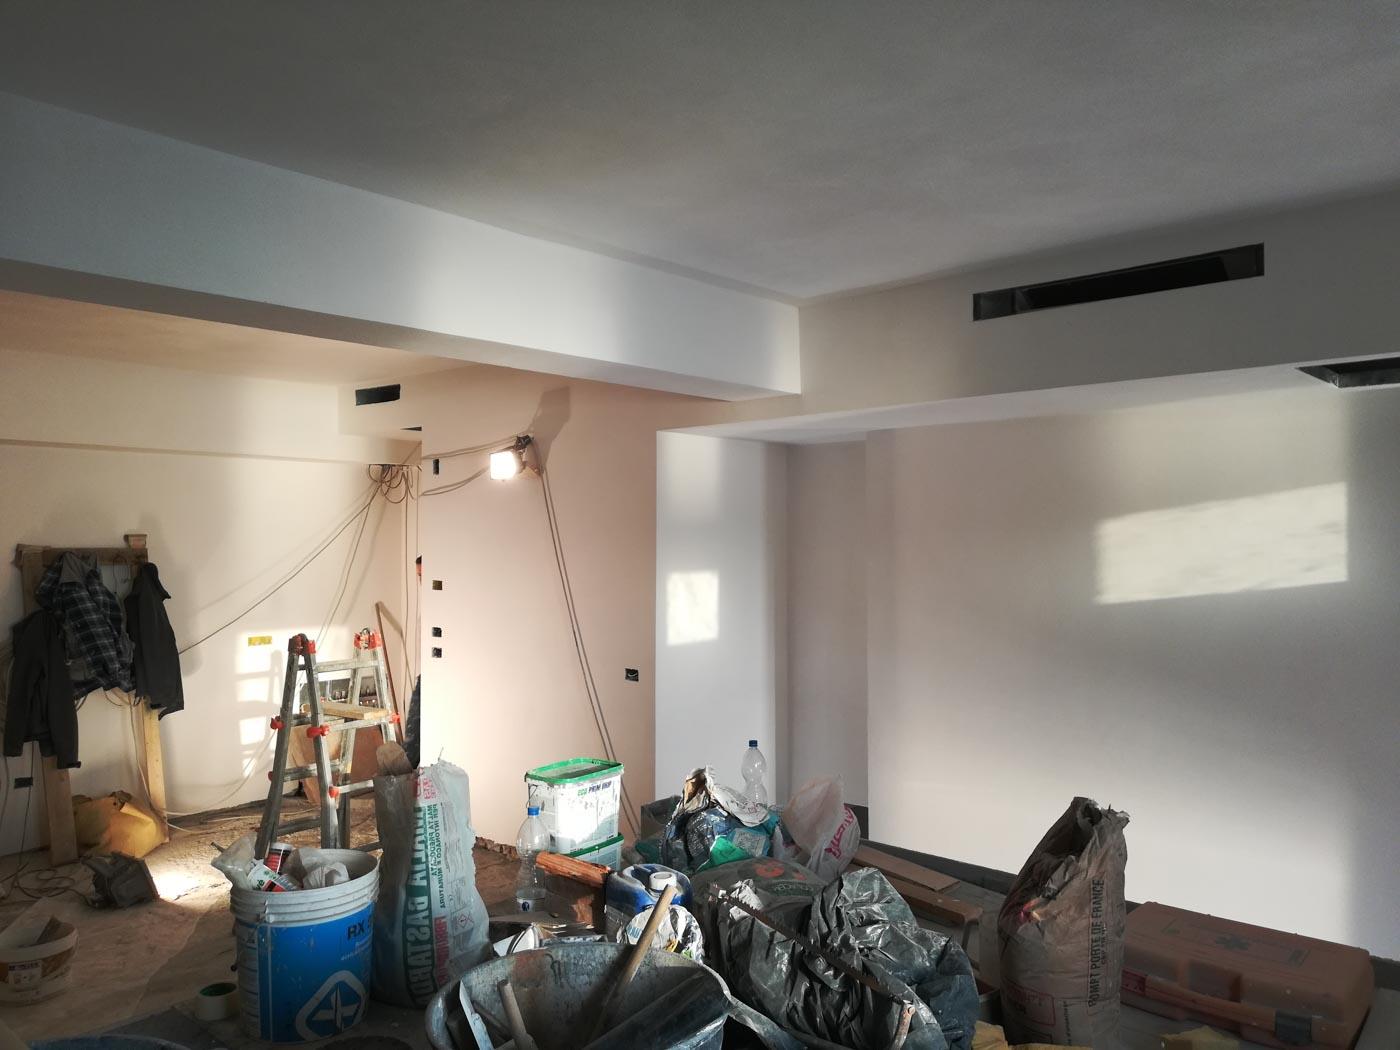 impresa-edilenicolosi-ristrutturazione-appartamento-sottoil-livello-del-mare-35